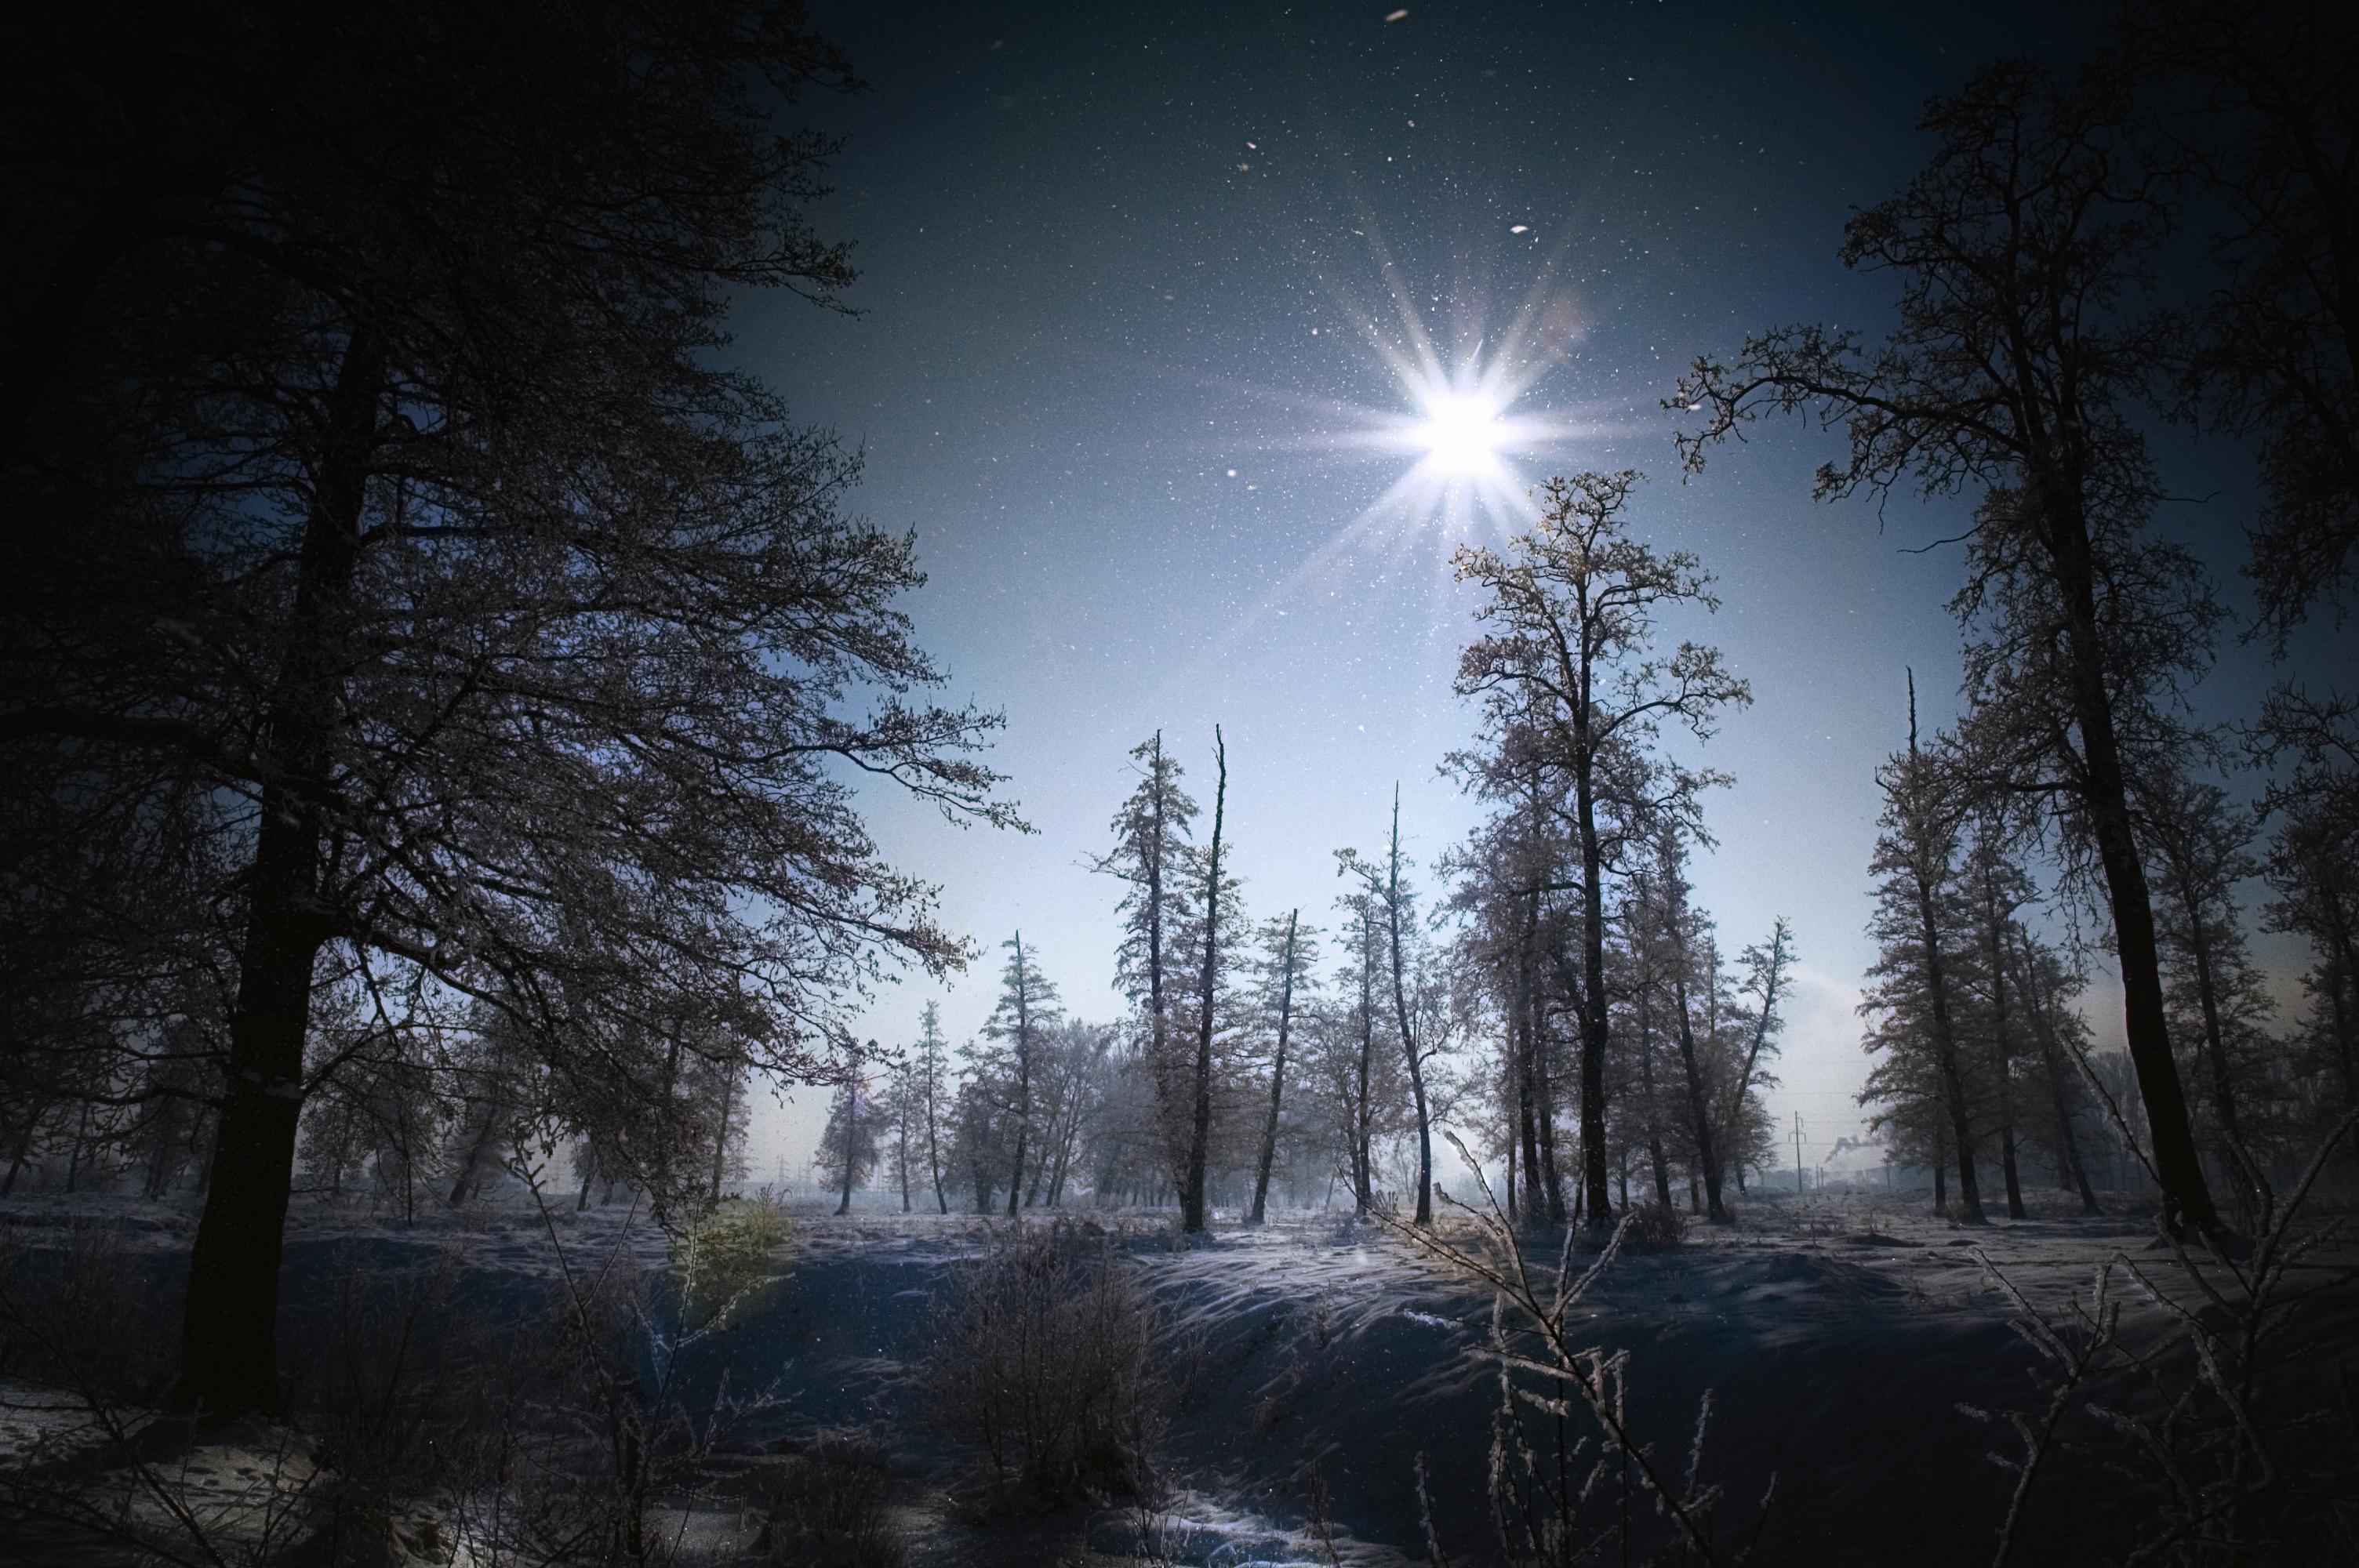 красивые картинки зимний лес ночью кого-то это